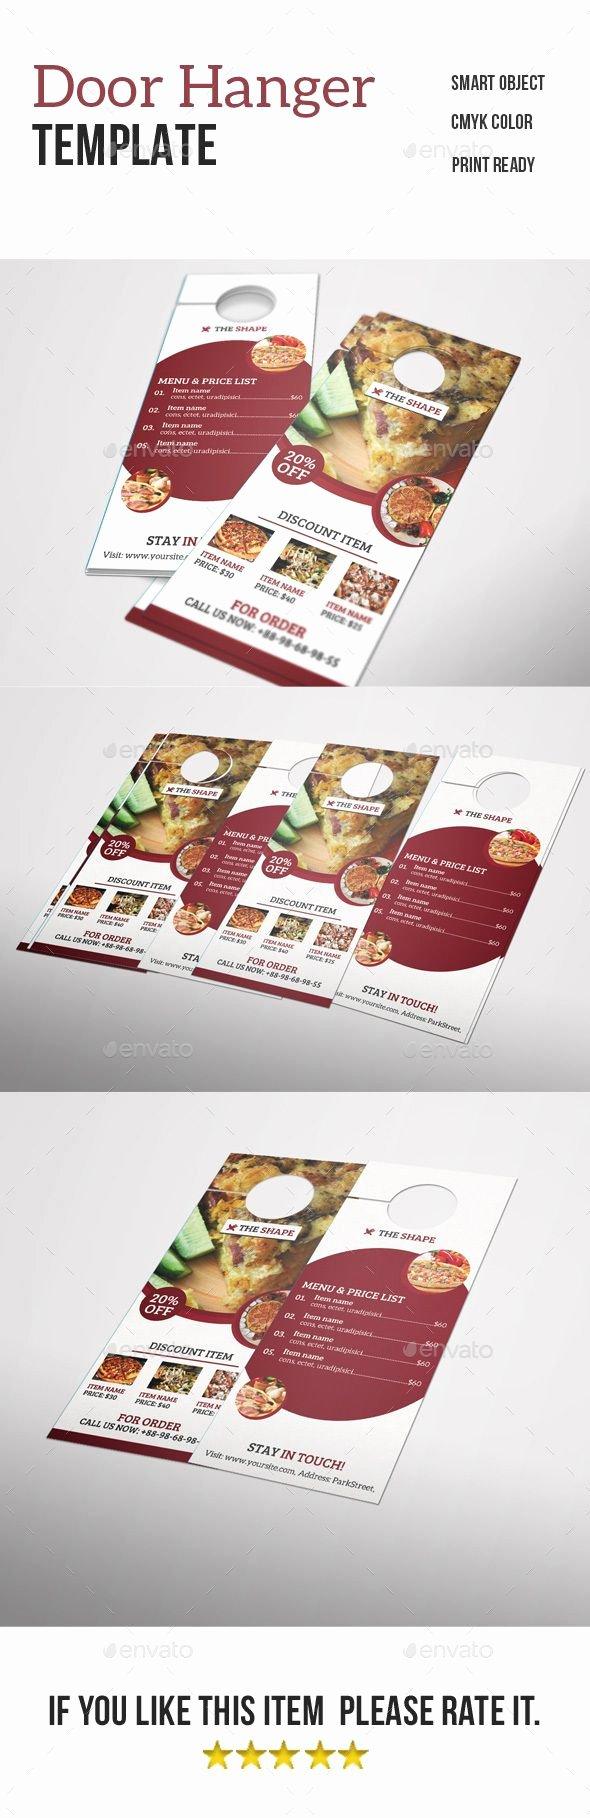 Door Hanger Template Psd New Best 25 Door Hanger Template Ideas On Pinterest